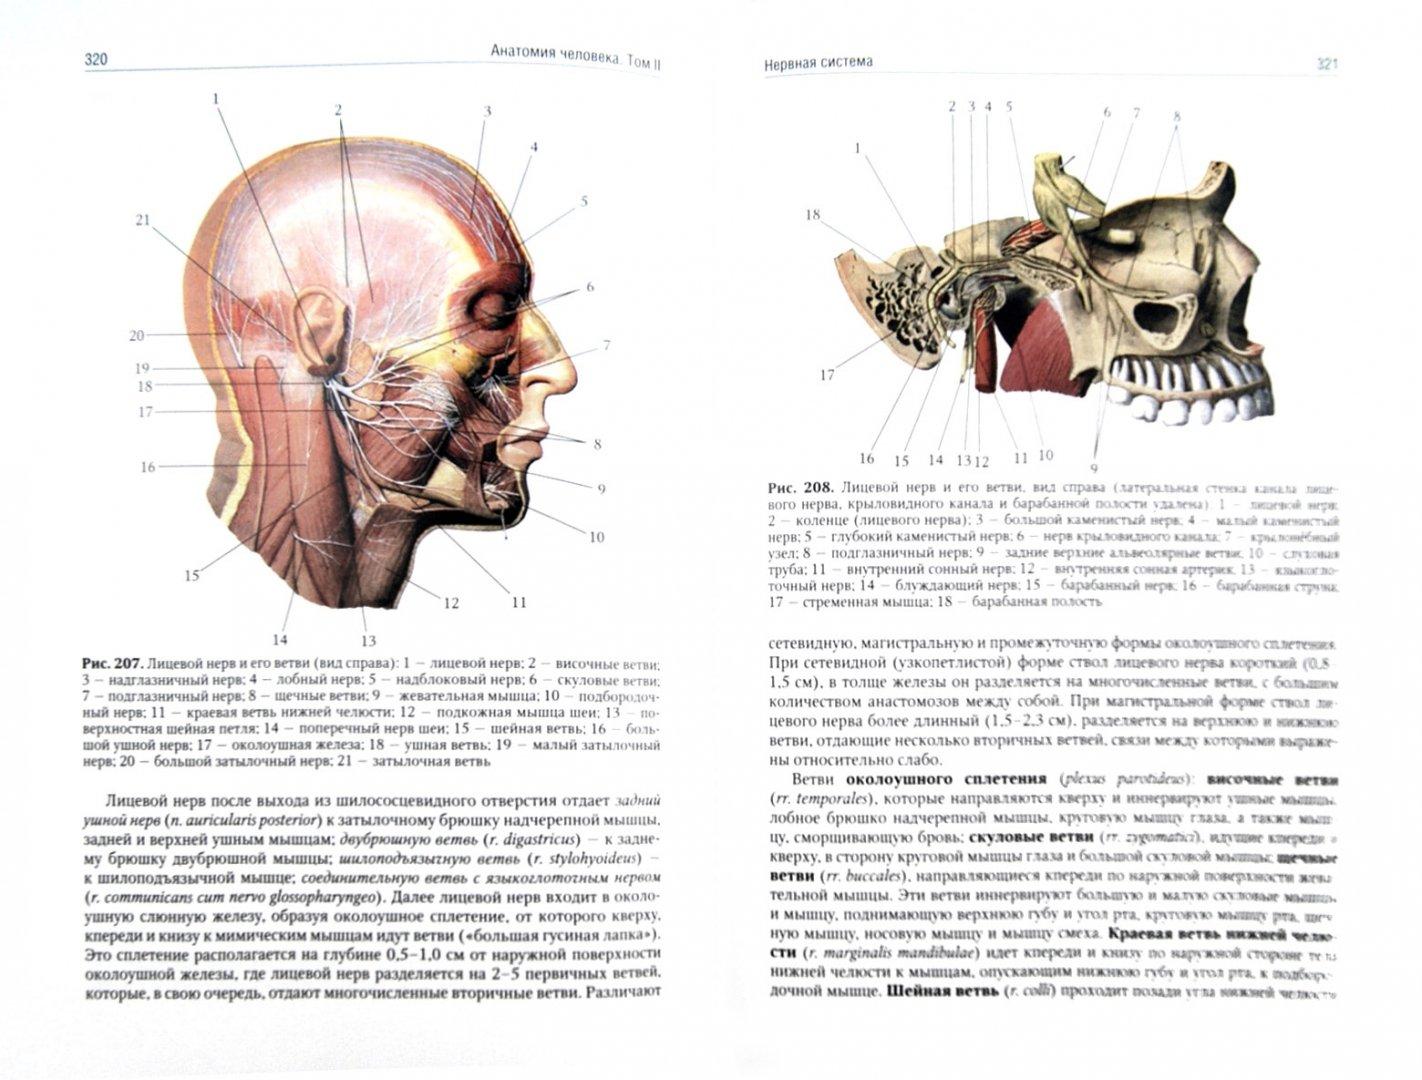 Иллюстрация 1 из 26 для Анатомия человека. Учебник. В 2-х томах. Том 2 - Сапин, Николенко, Никитюк, Чава | Лабиринт - книги. Источник: Лабиринт